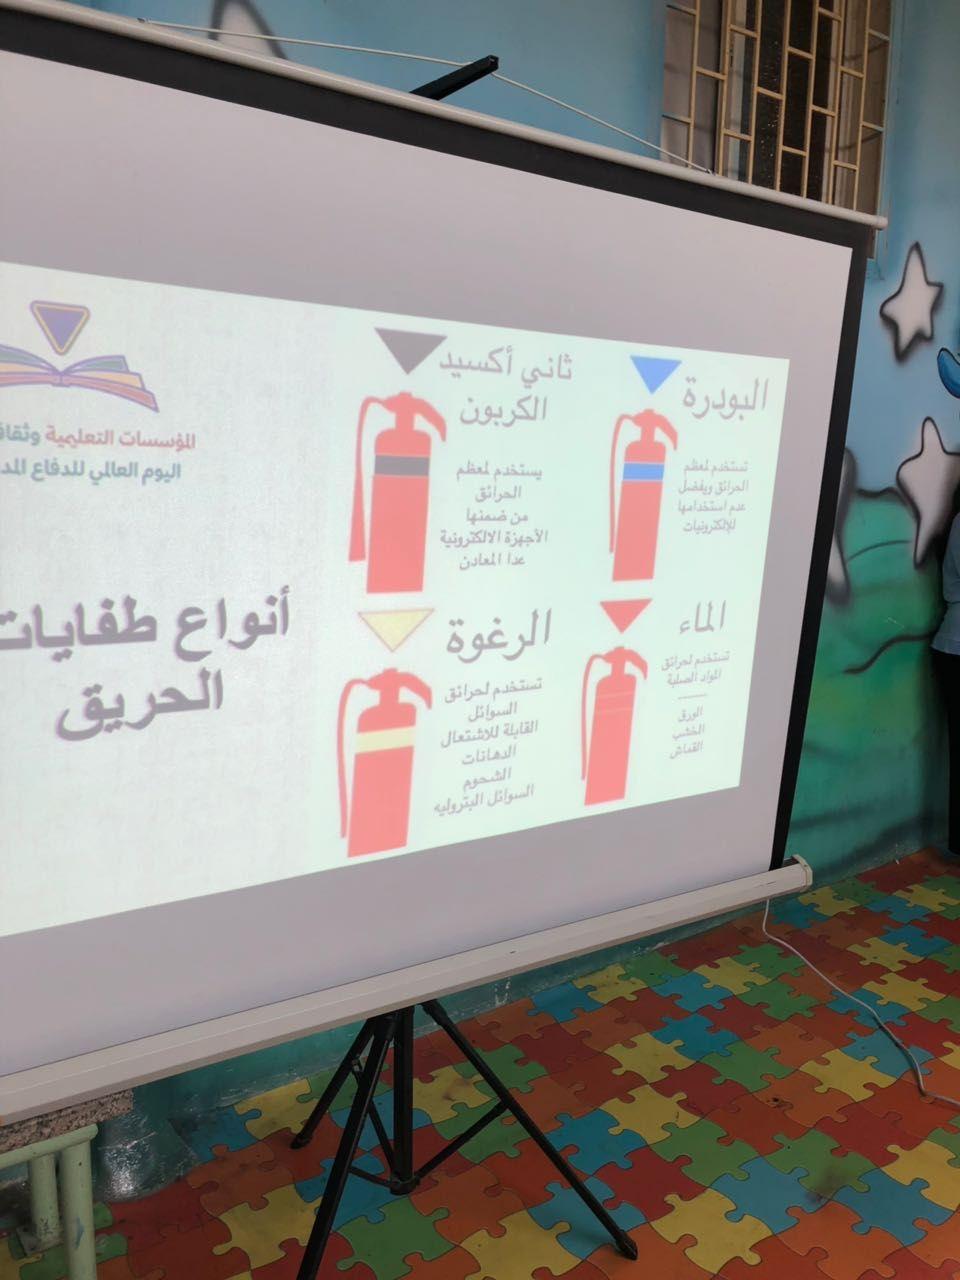 تفعيل اليوم العالمى للدفاع المدنى تحت إشراف لجنة الأمن والسلامة السعودية المدينة المنورة مدارس المملكة مدارس مناهل Electronic Products Electronics Laptop